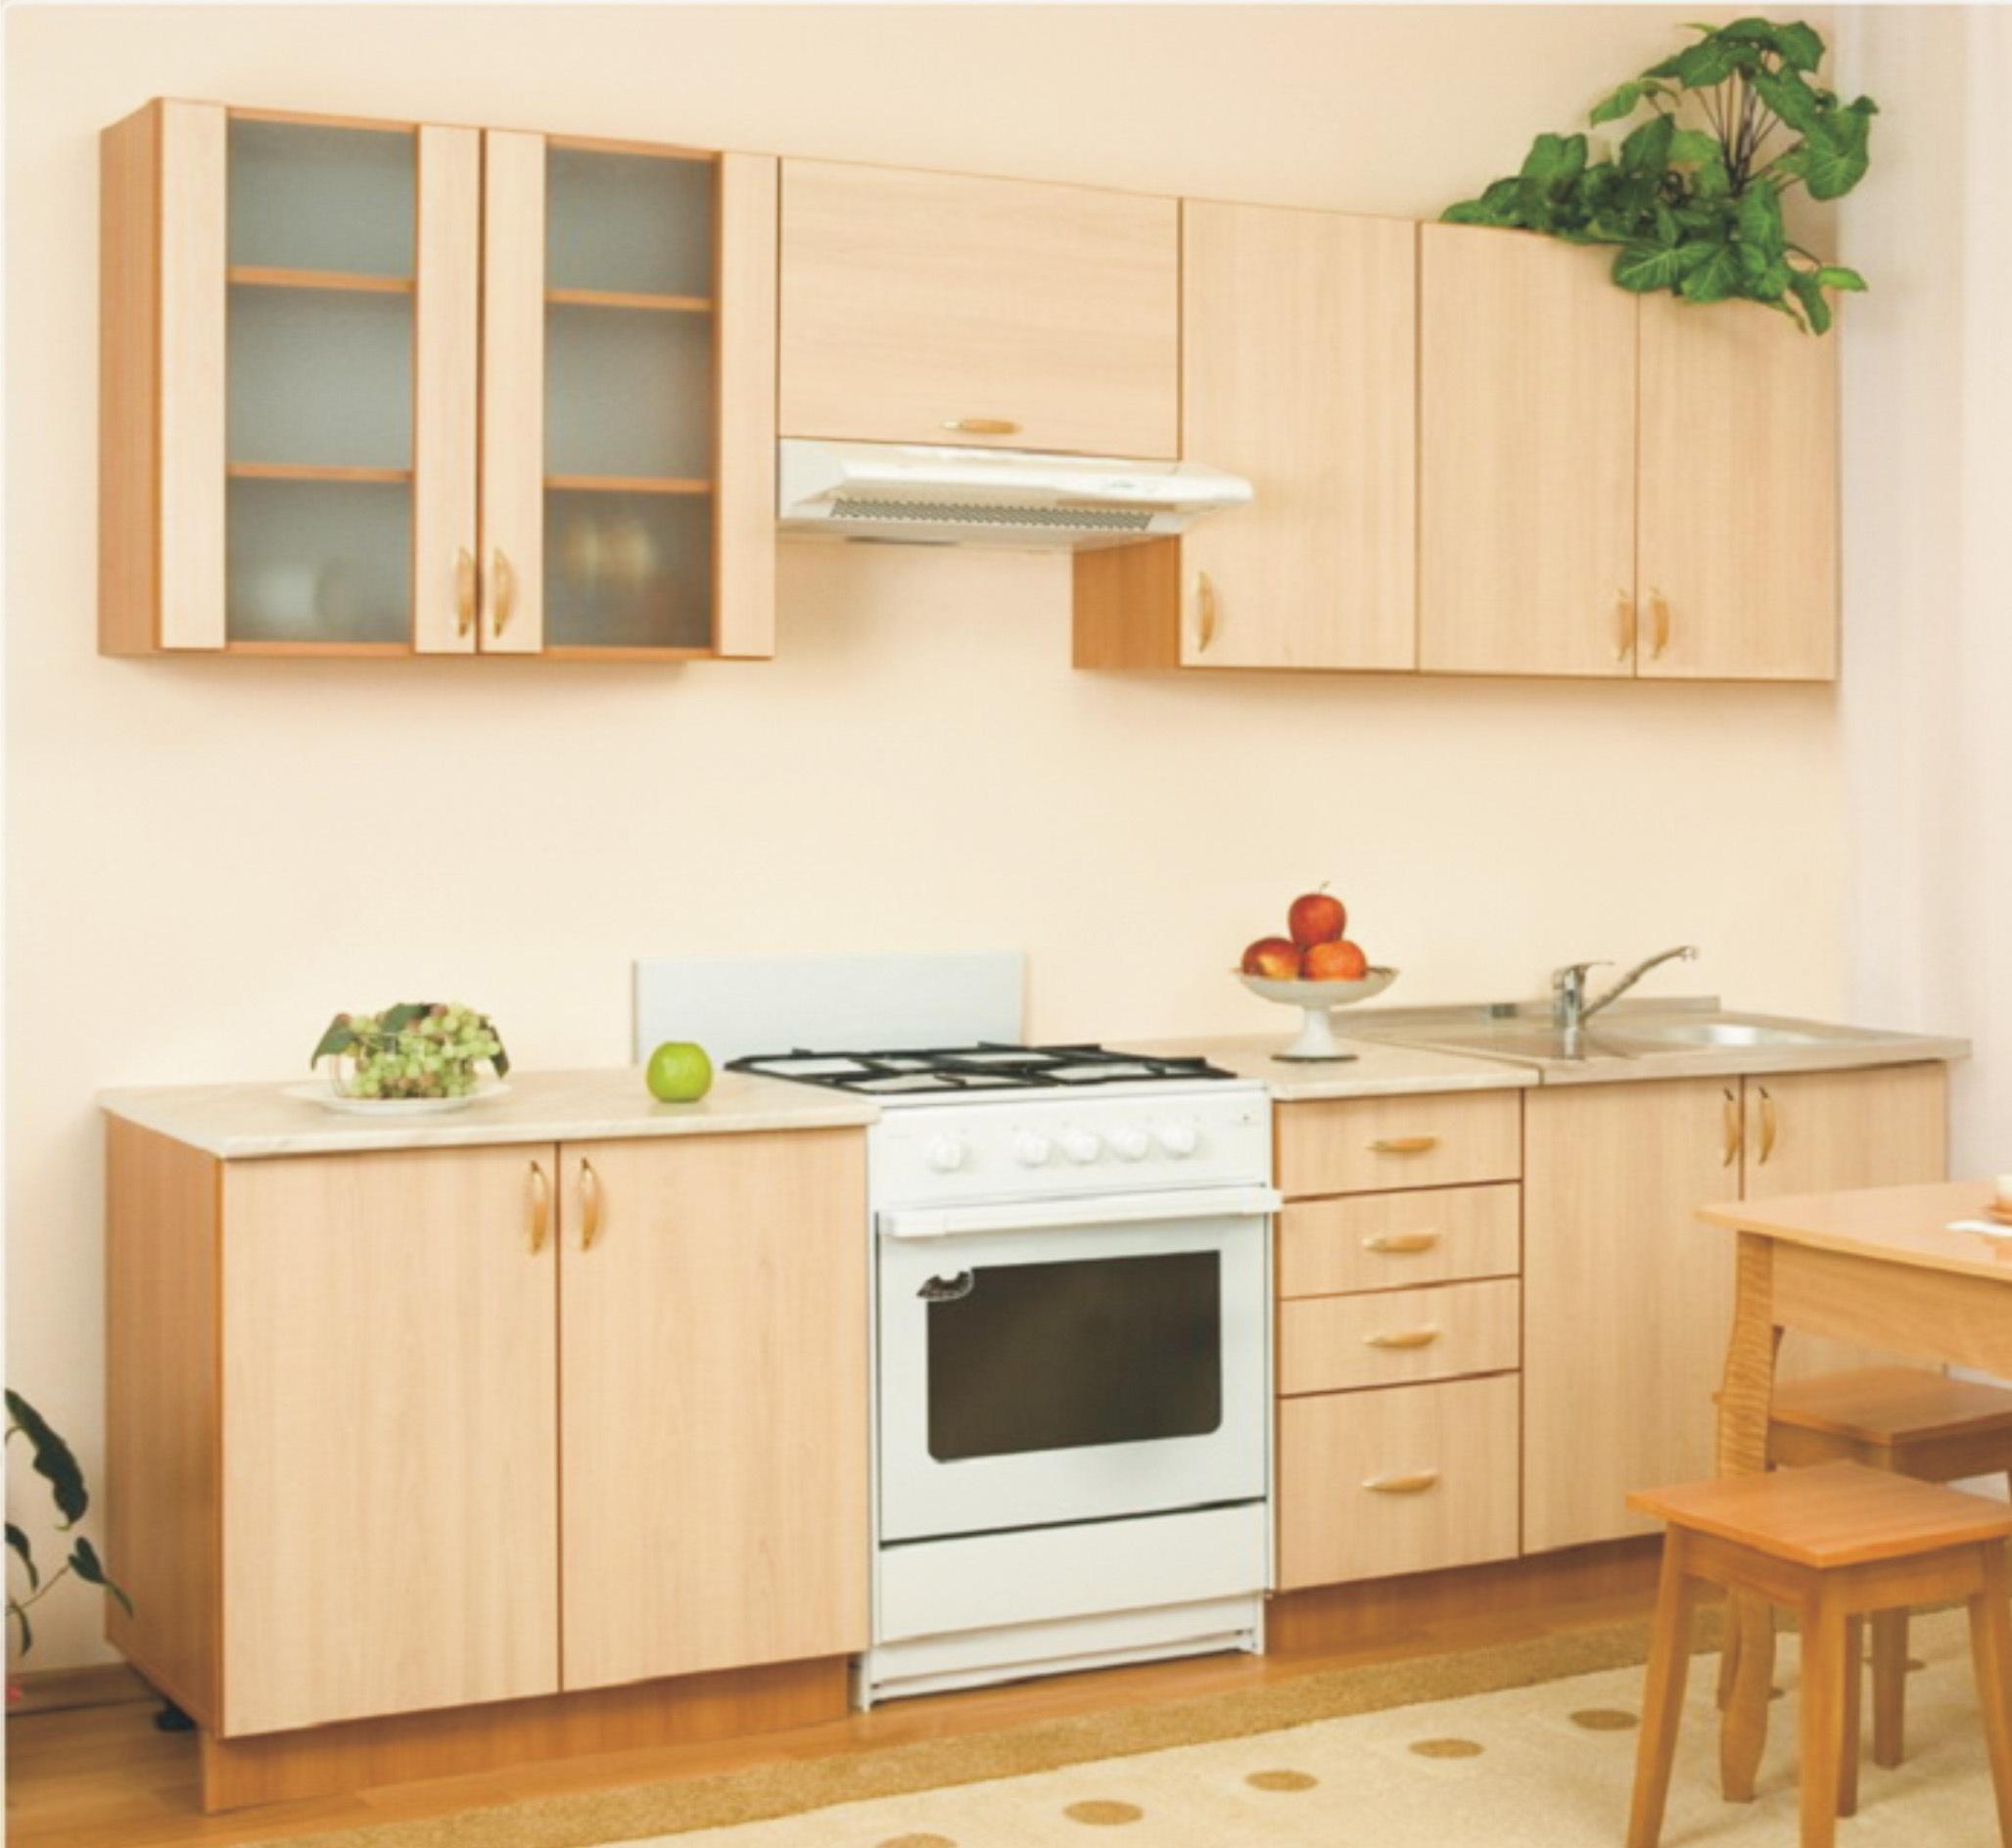 Модульная кухня АлесяКухонные гарнитуры<br>Размер: 2600<br><br>Материалы: Корпус ЛДСП 16 мм, стекло рифленое, фасады МДФ, облицованные пленкой, ящики - метабоксы, регулируемые опоры<br>Полный размер: 2600<br>Вес товара (кг): 160<br>Комплектация: Кухня отдельно комплектуются столешницей и стеновой панелью, столешница постформинг 28 мм. В стоимость кухонь столешница и мойка не входят!<br>Цвет: Клен<br>Примечание: Доставляется в разобранном виде<br>Изготовление и доставка: 2-3 дня<br>Условия доставки: Бесплатная по Москве до подъезда<br>Условие оплаты: Оплата наличными при получении товара<br>Подъем на грузовом лифте: 700 руб.<br>Подъем без лифта: 350 руб./этаж (включая первый)<br>Гарантия: 12 месяцев<br>Производство: Россия